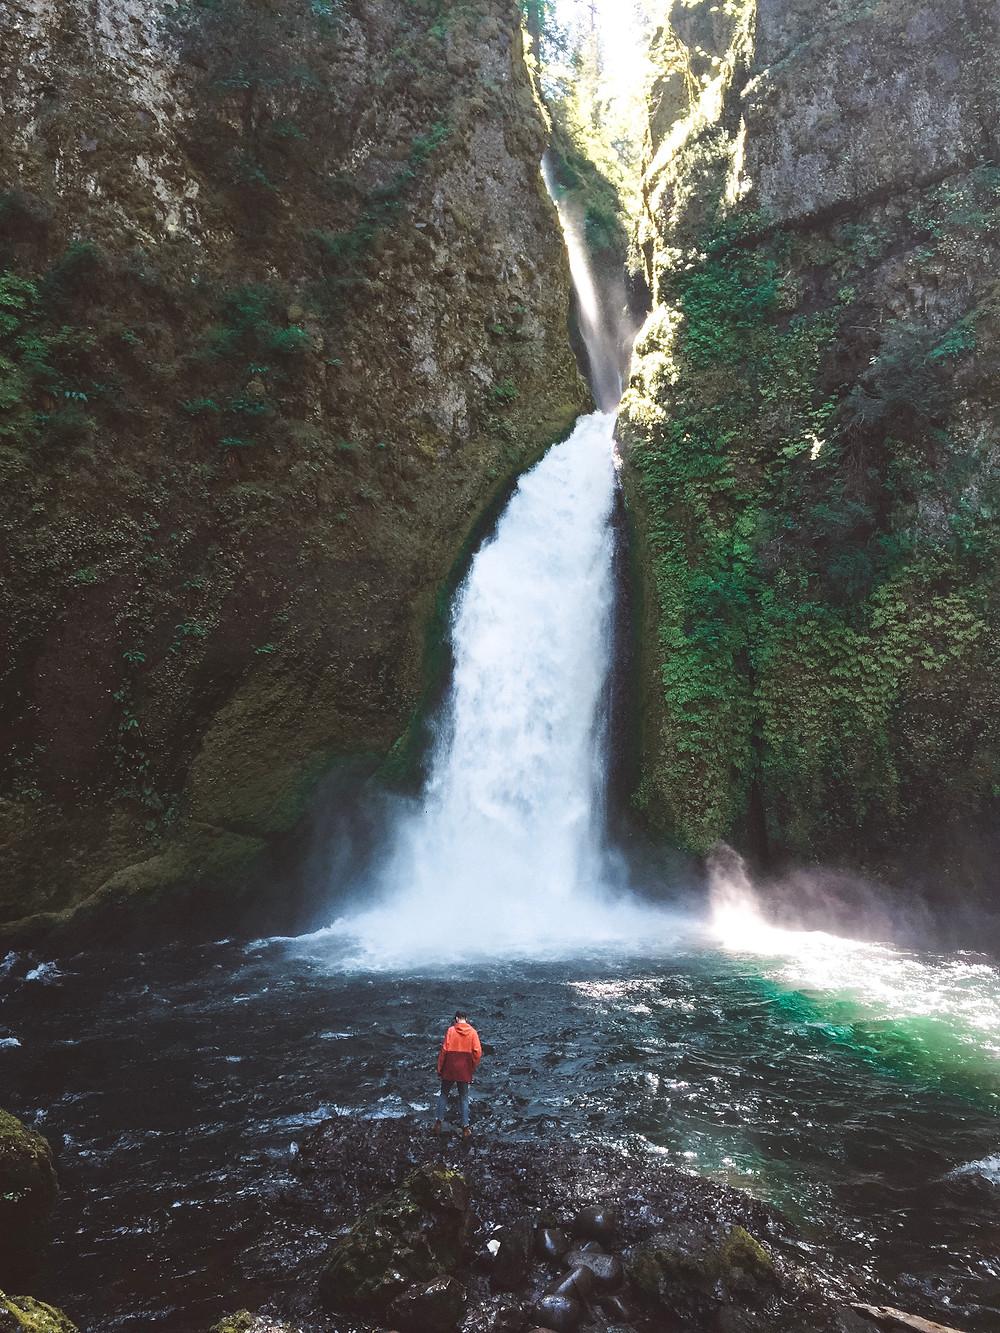 wahclella falls oregon portland columbia river gorge